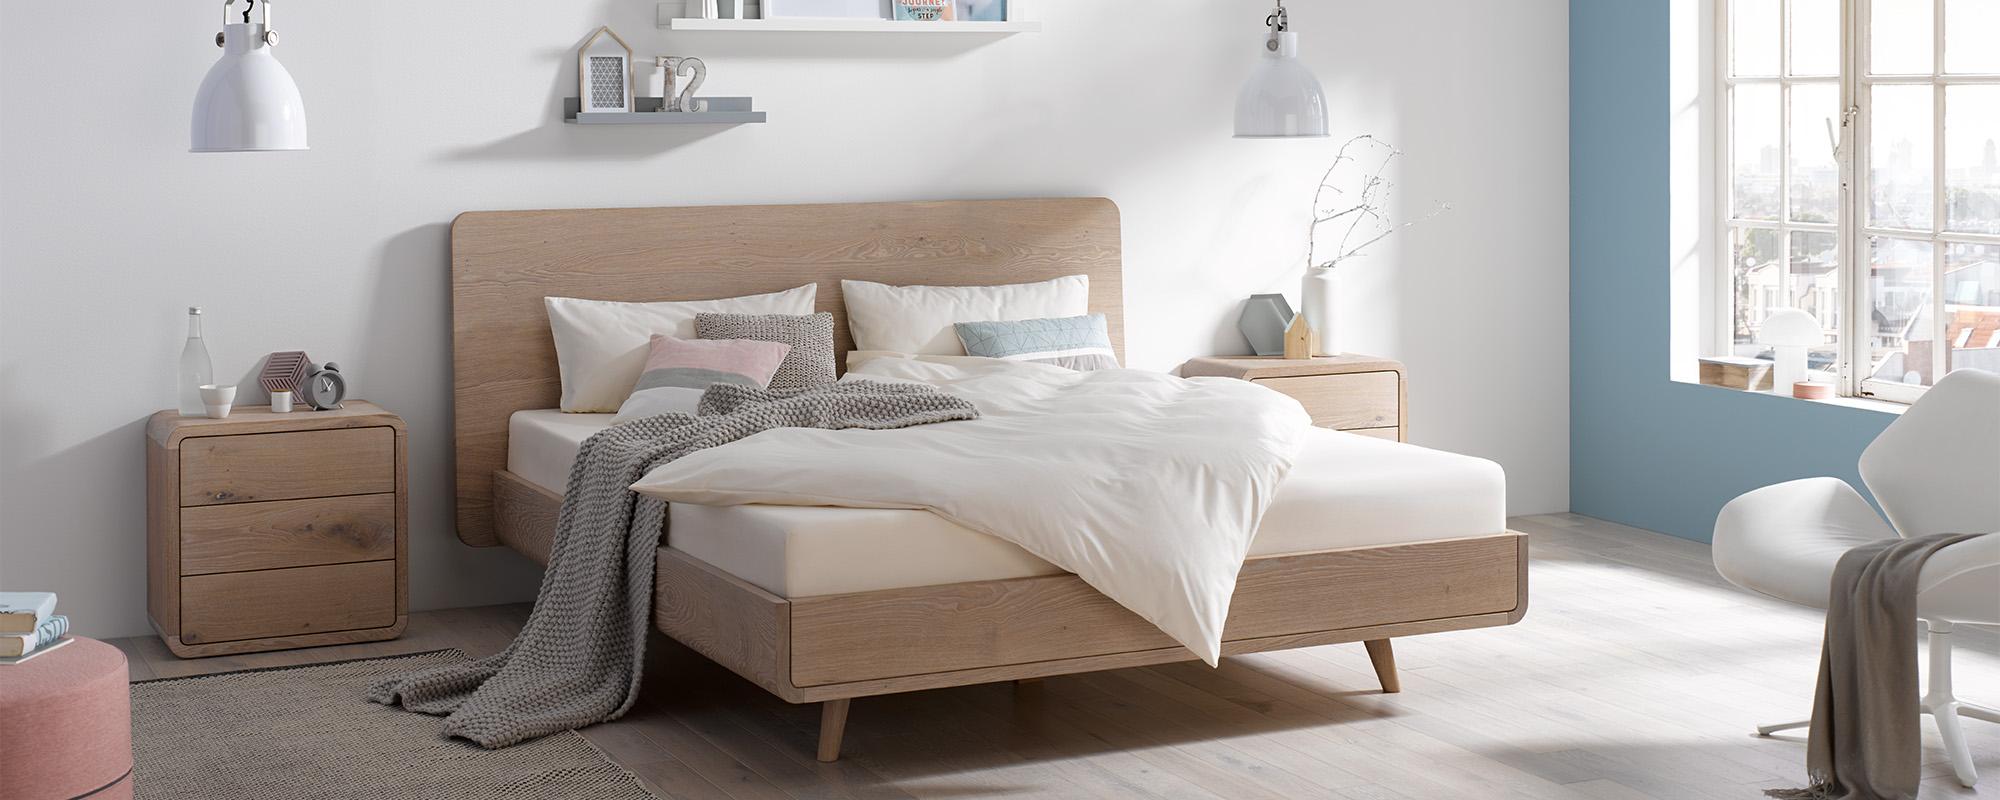 Full Size of Massivholzbetten Betten Aus Massivholz Schramm Ikea 160x200 Für übergewichtige Kopfteile Gebrauchte Dico Amazon Massivholzküche 200x220 Mit Aufbewahrung Bett Massivholz Betten